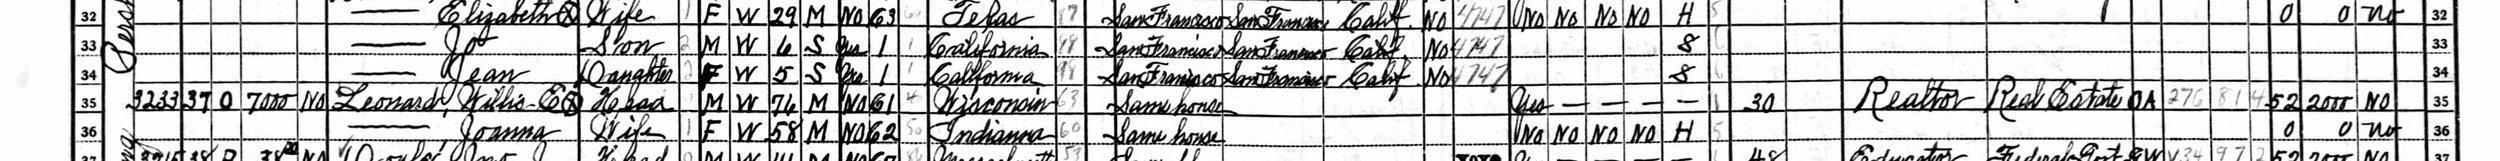 1940.04.05.census.4.jpg